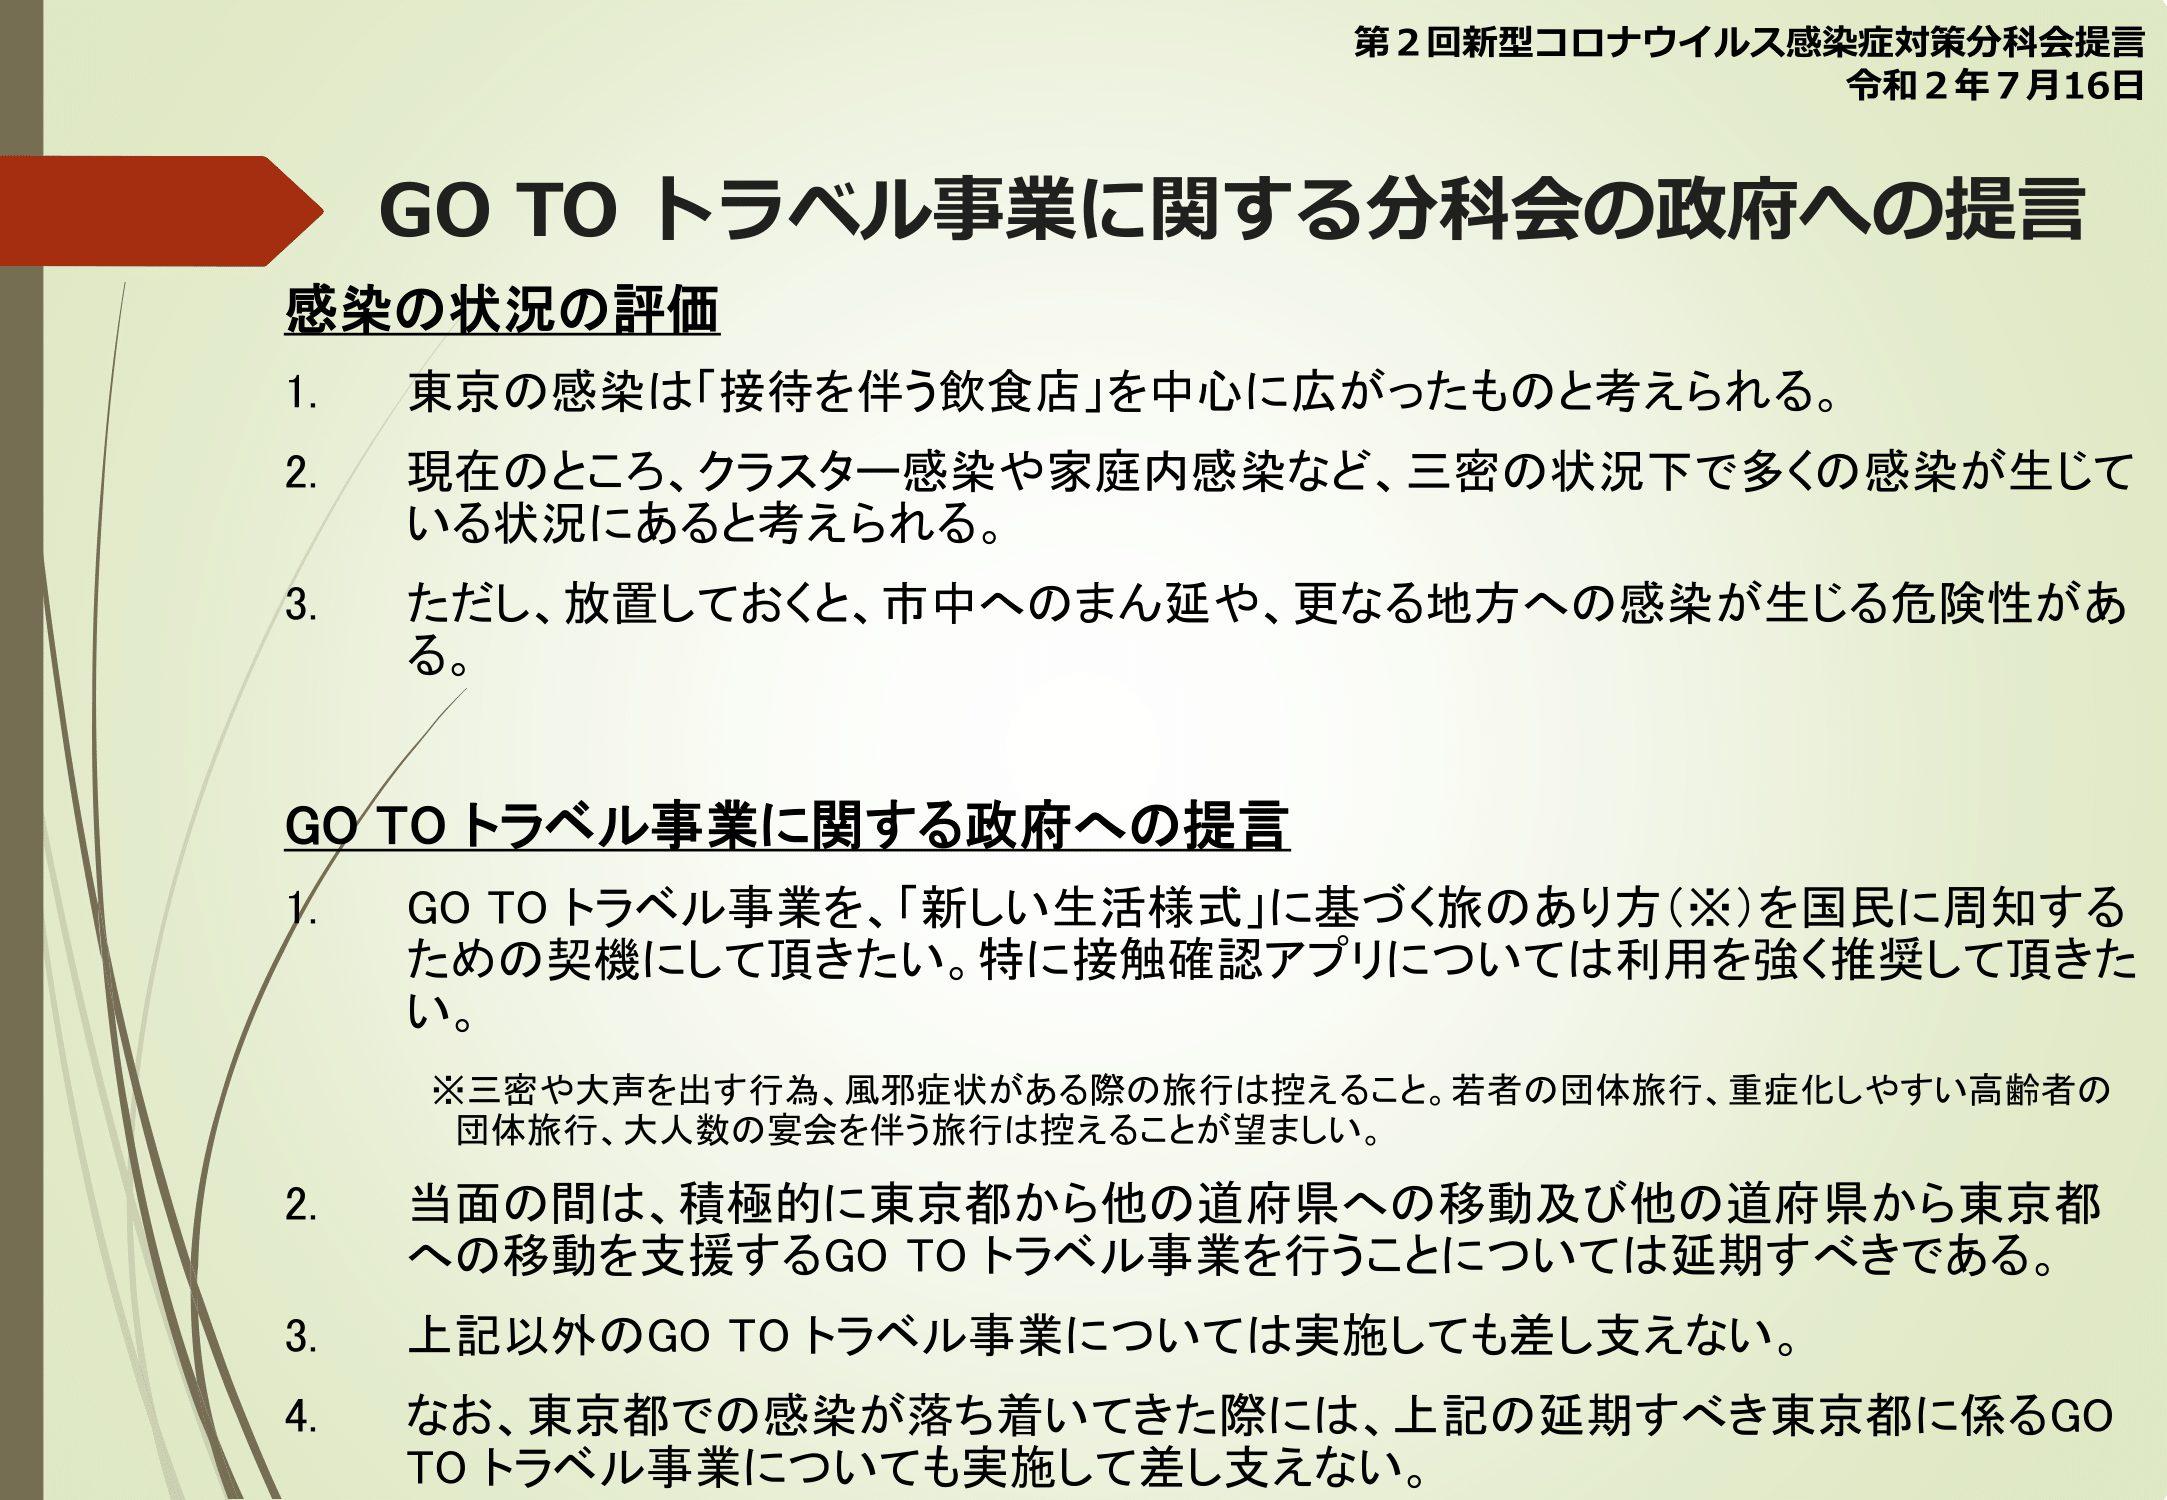 ツー キャンペーン ゴー 東京